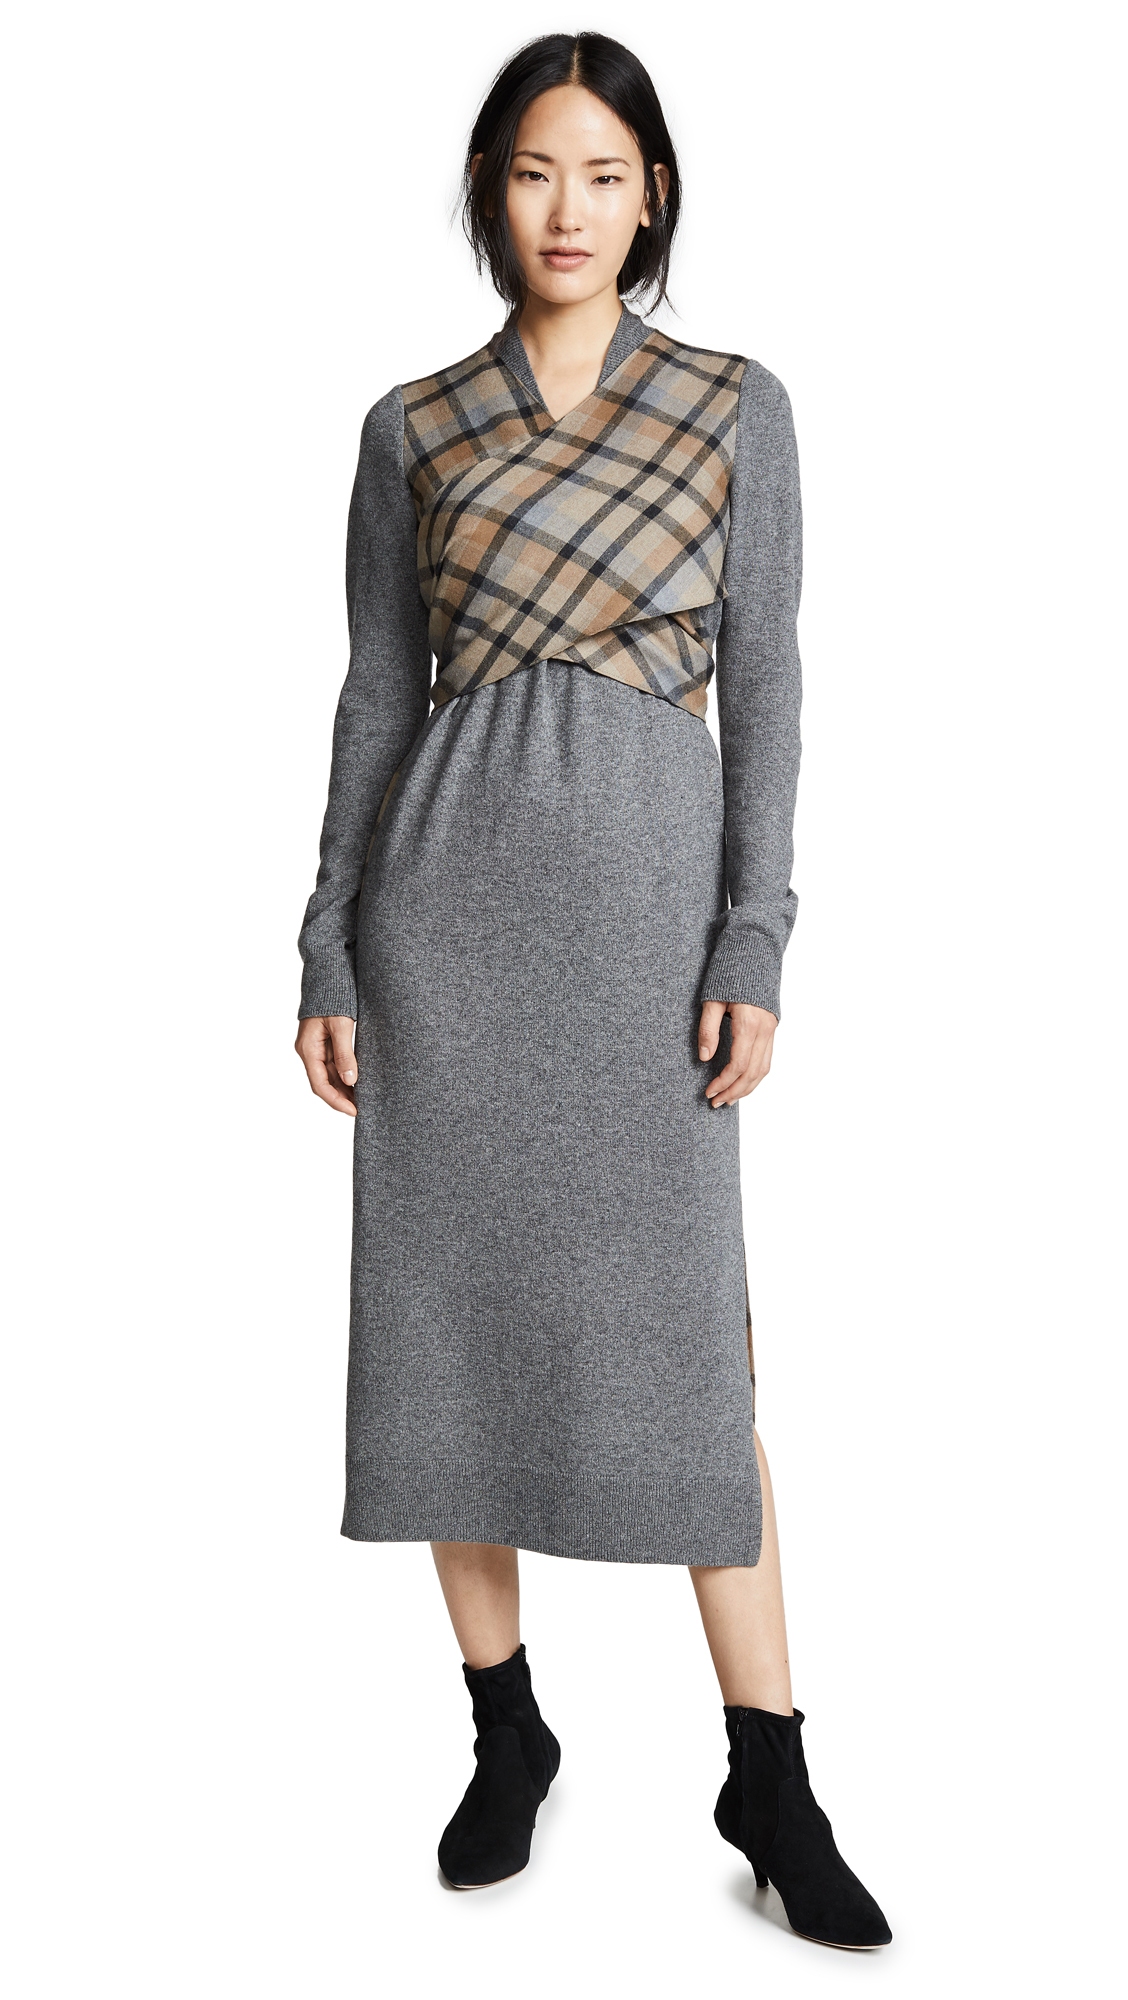 GOEN.J Wrap Knit Dress In Charcoal